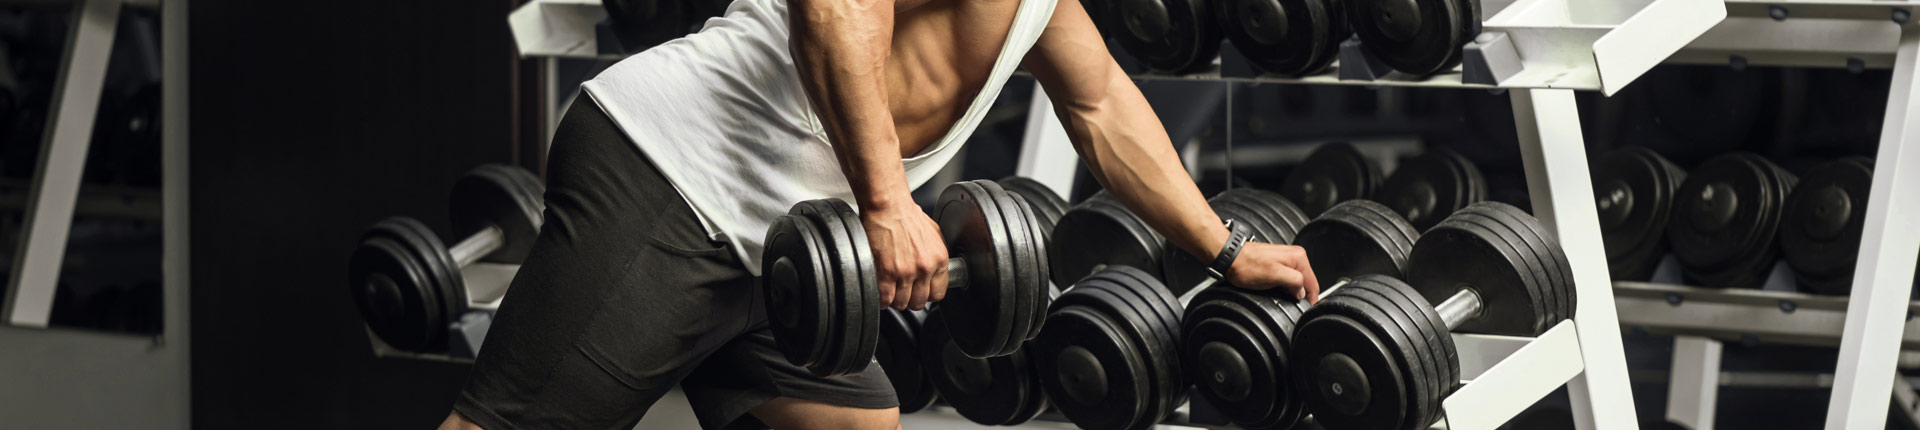 Cel treningowy - konieczny aby rozpocząć przygodę z siłownią